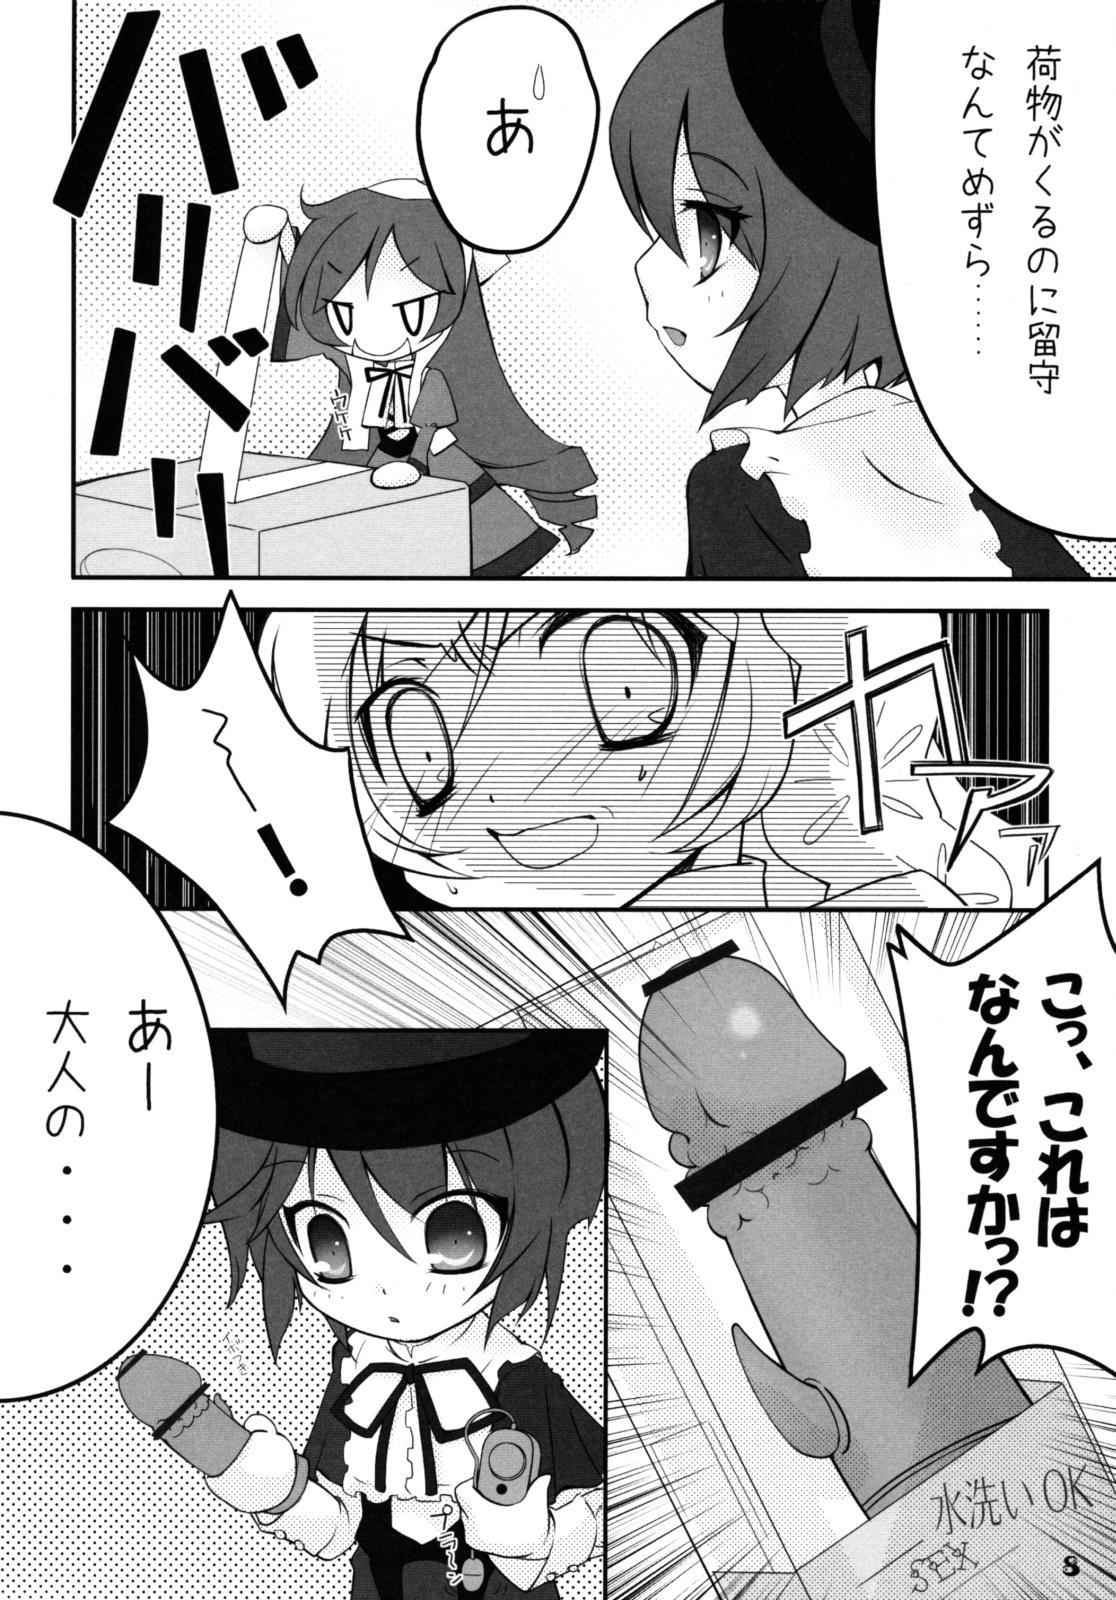 Shimai de NyanNyan 6